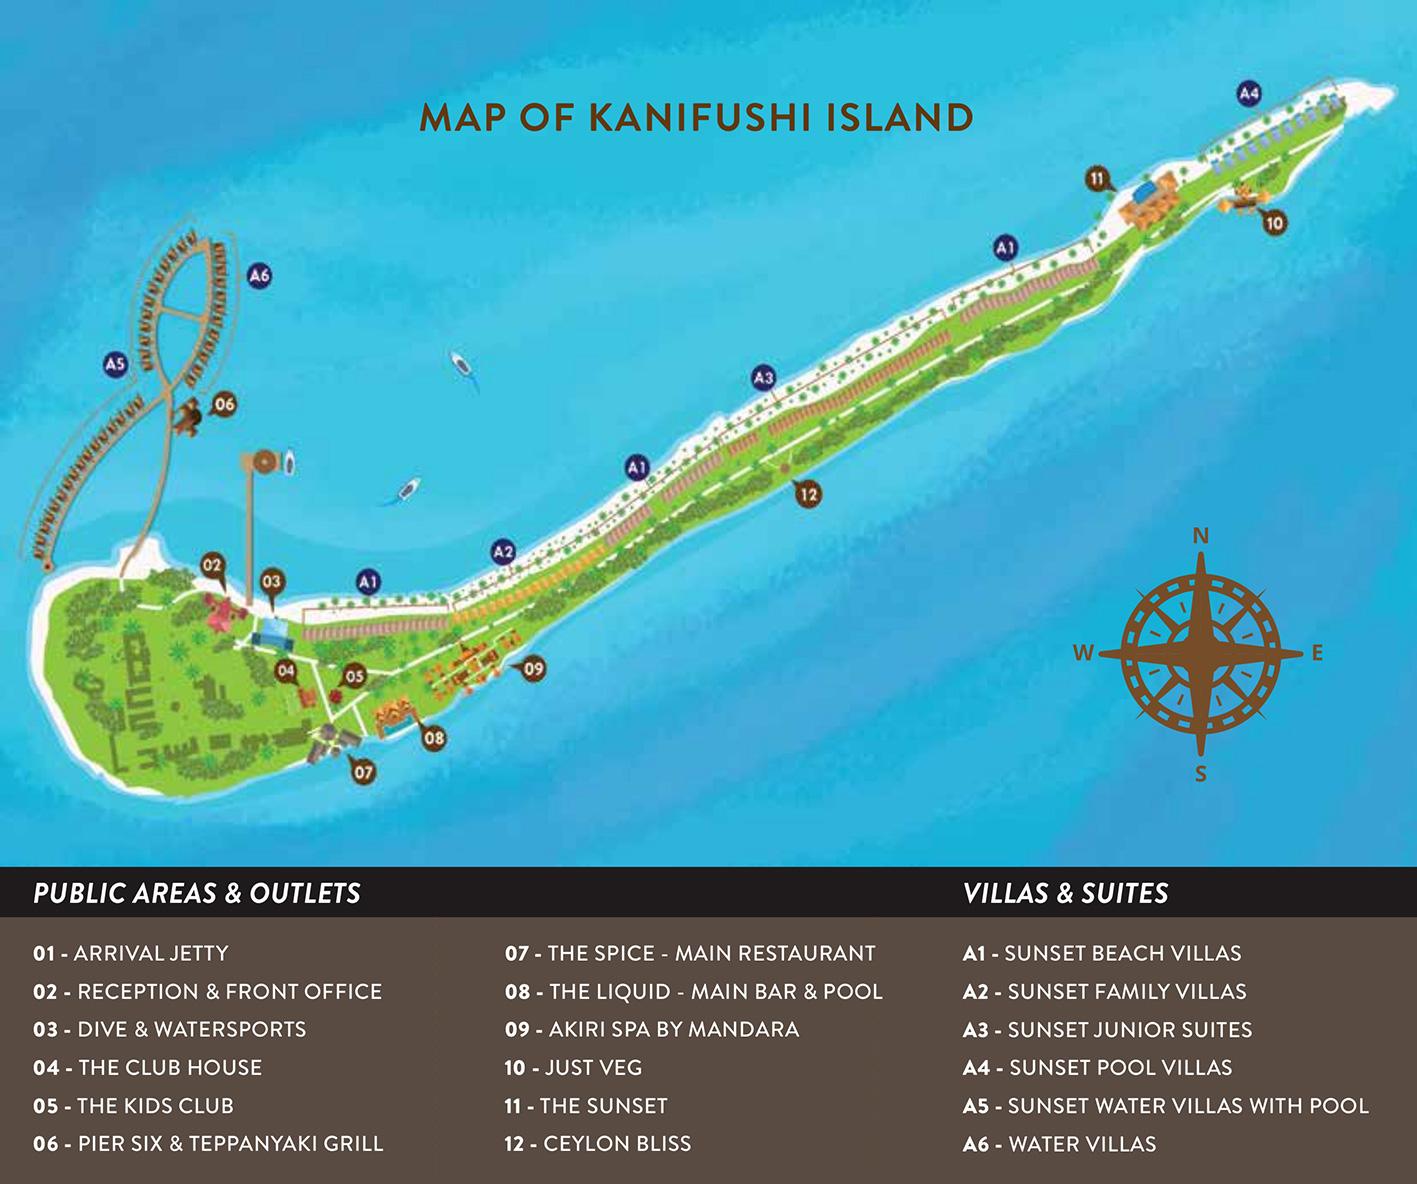 mappa Kanifushi Maldive, Map Maldives